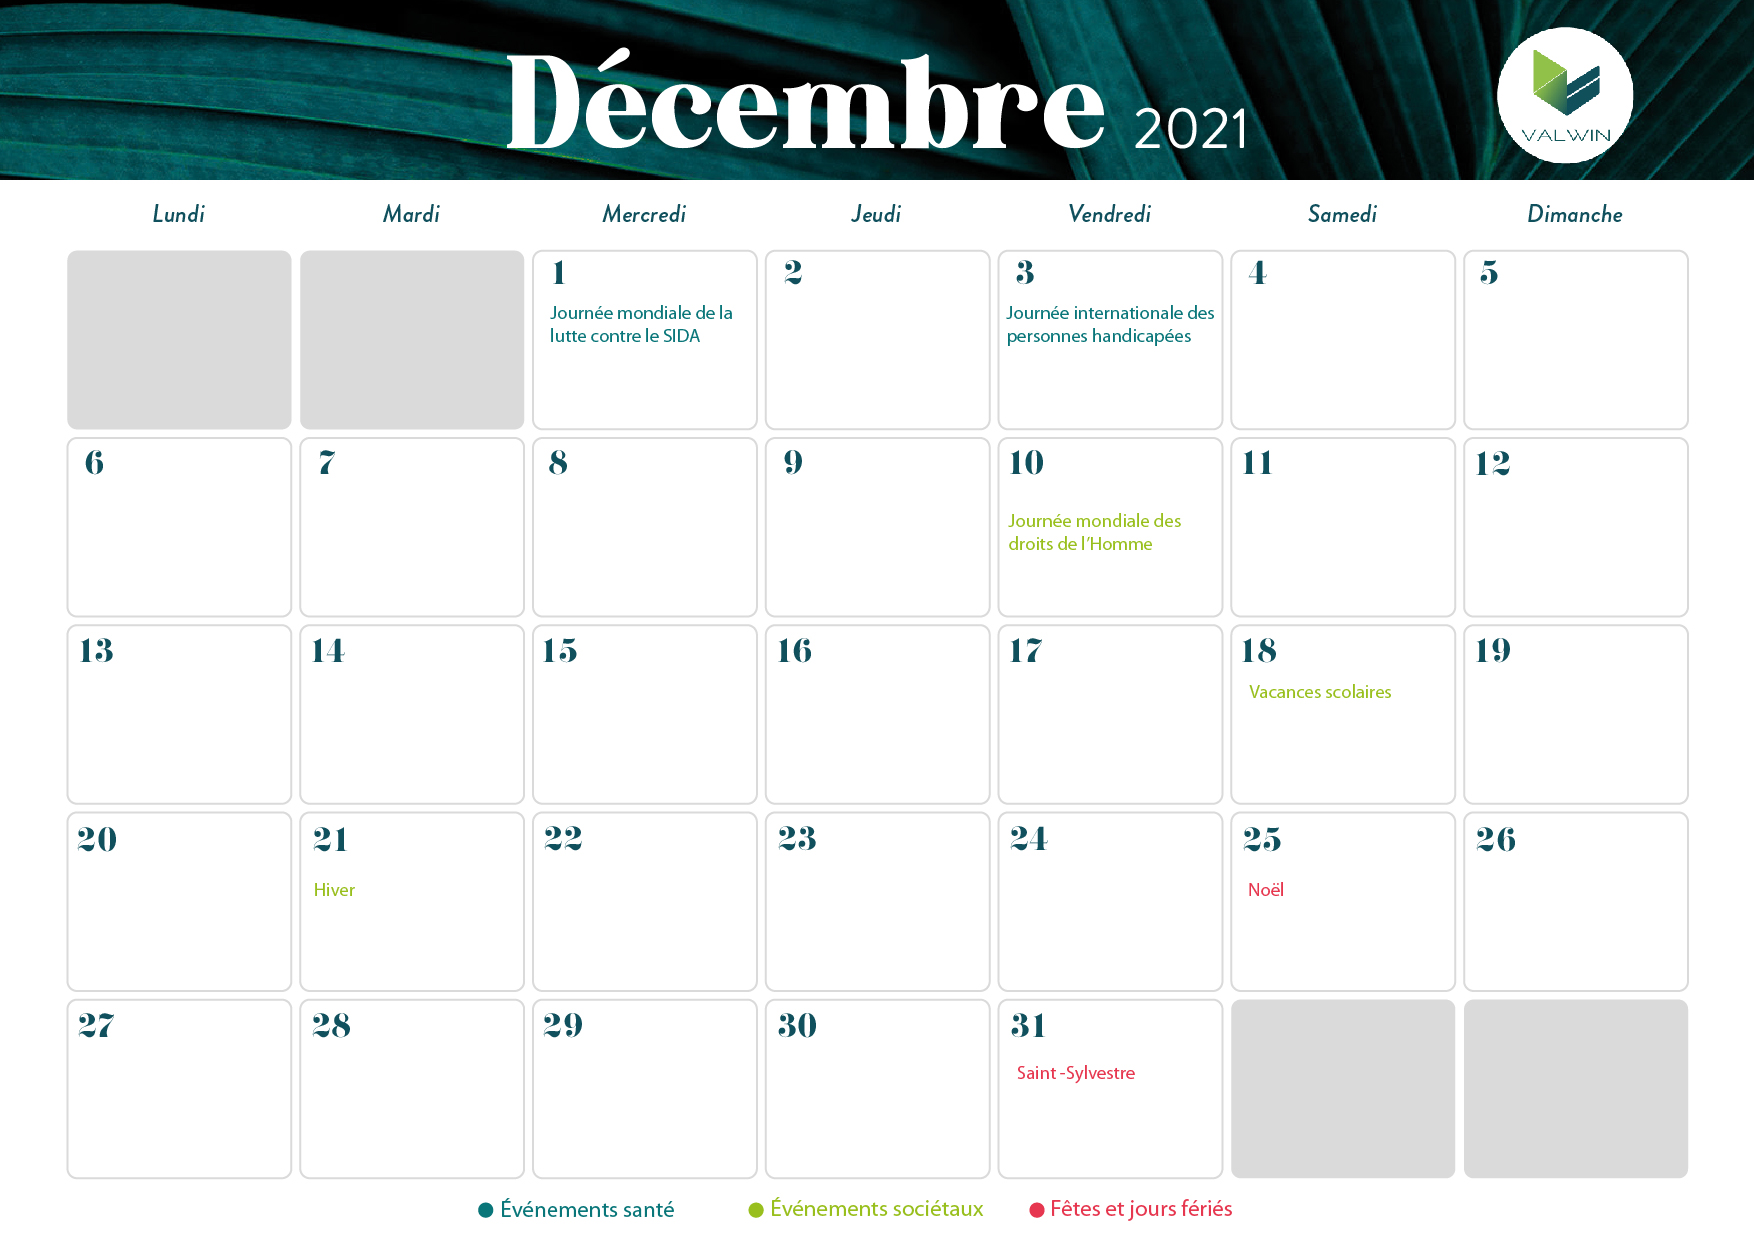 liste-toutes-les-journées-mondiales-de-Santé-décembre-2021.jpg